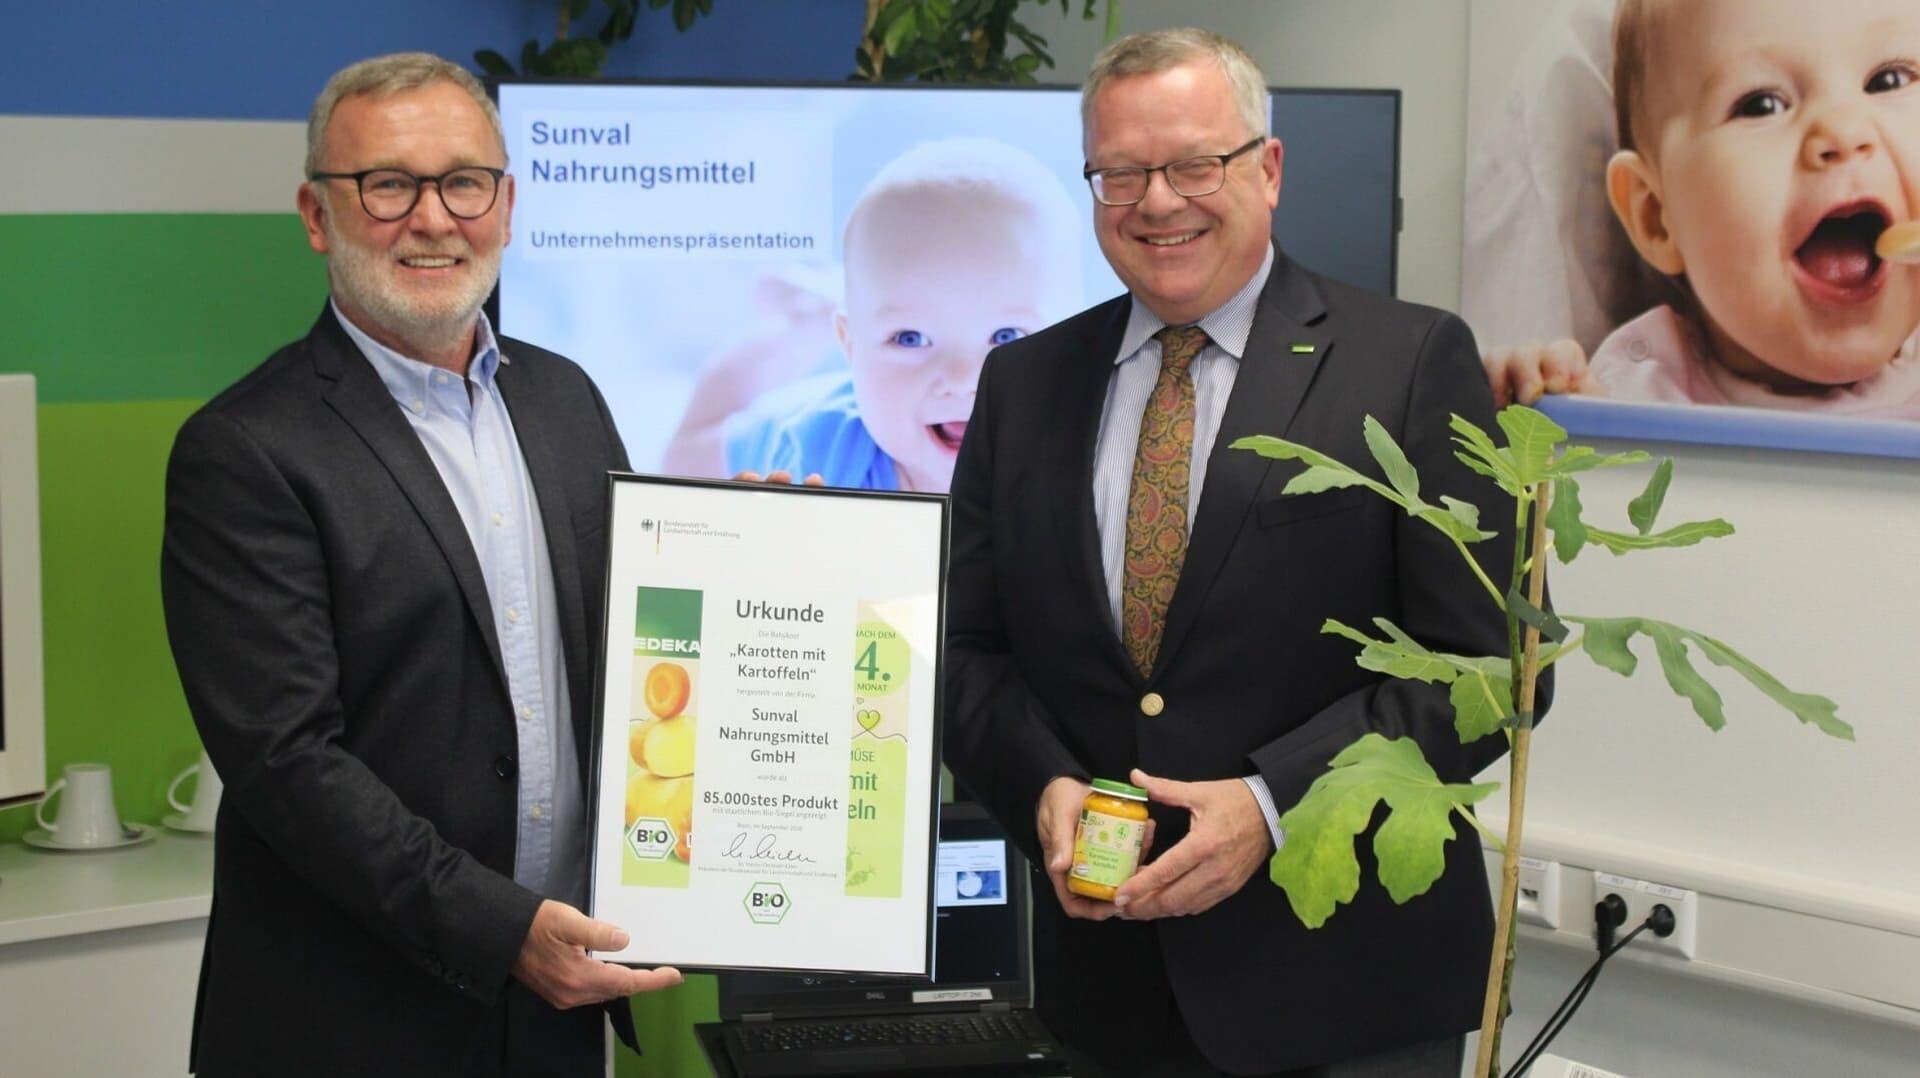 Mathias Baron (links), Geschäftsführer des Handelsmarkenproduzenten, nahm die Urkunde von BLE-Präsident Dr. Hanns-Christoph Eiden entgegen.